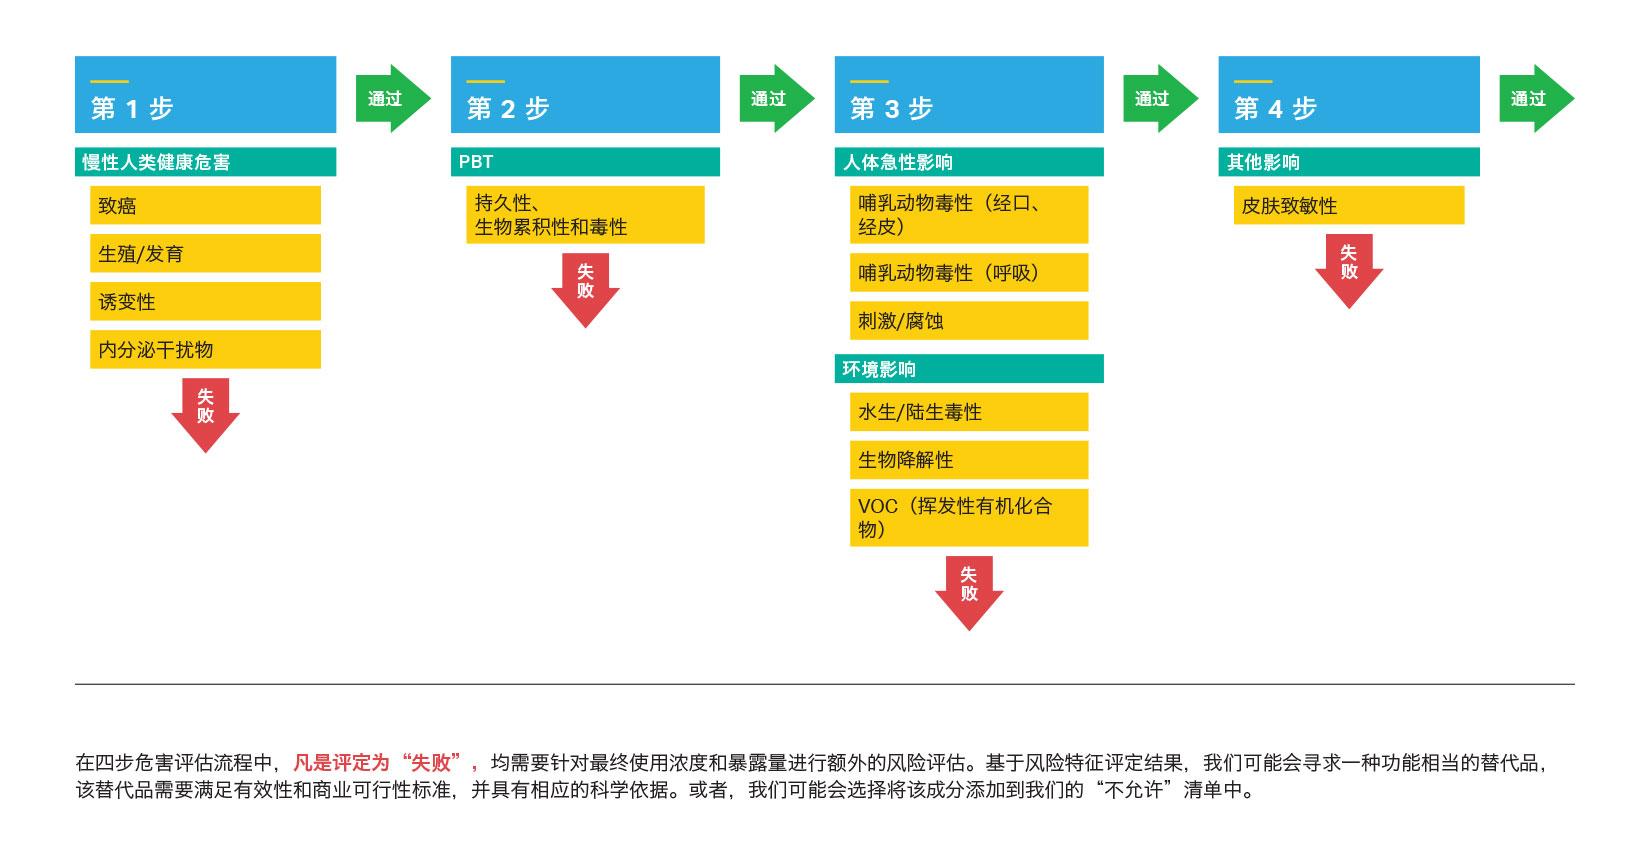 庄臣的产品成分危害四步评估流程